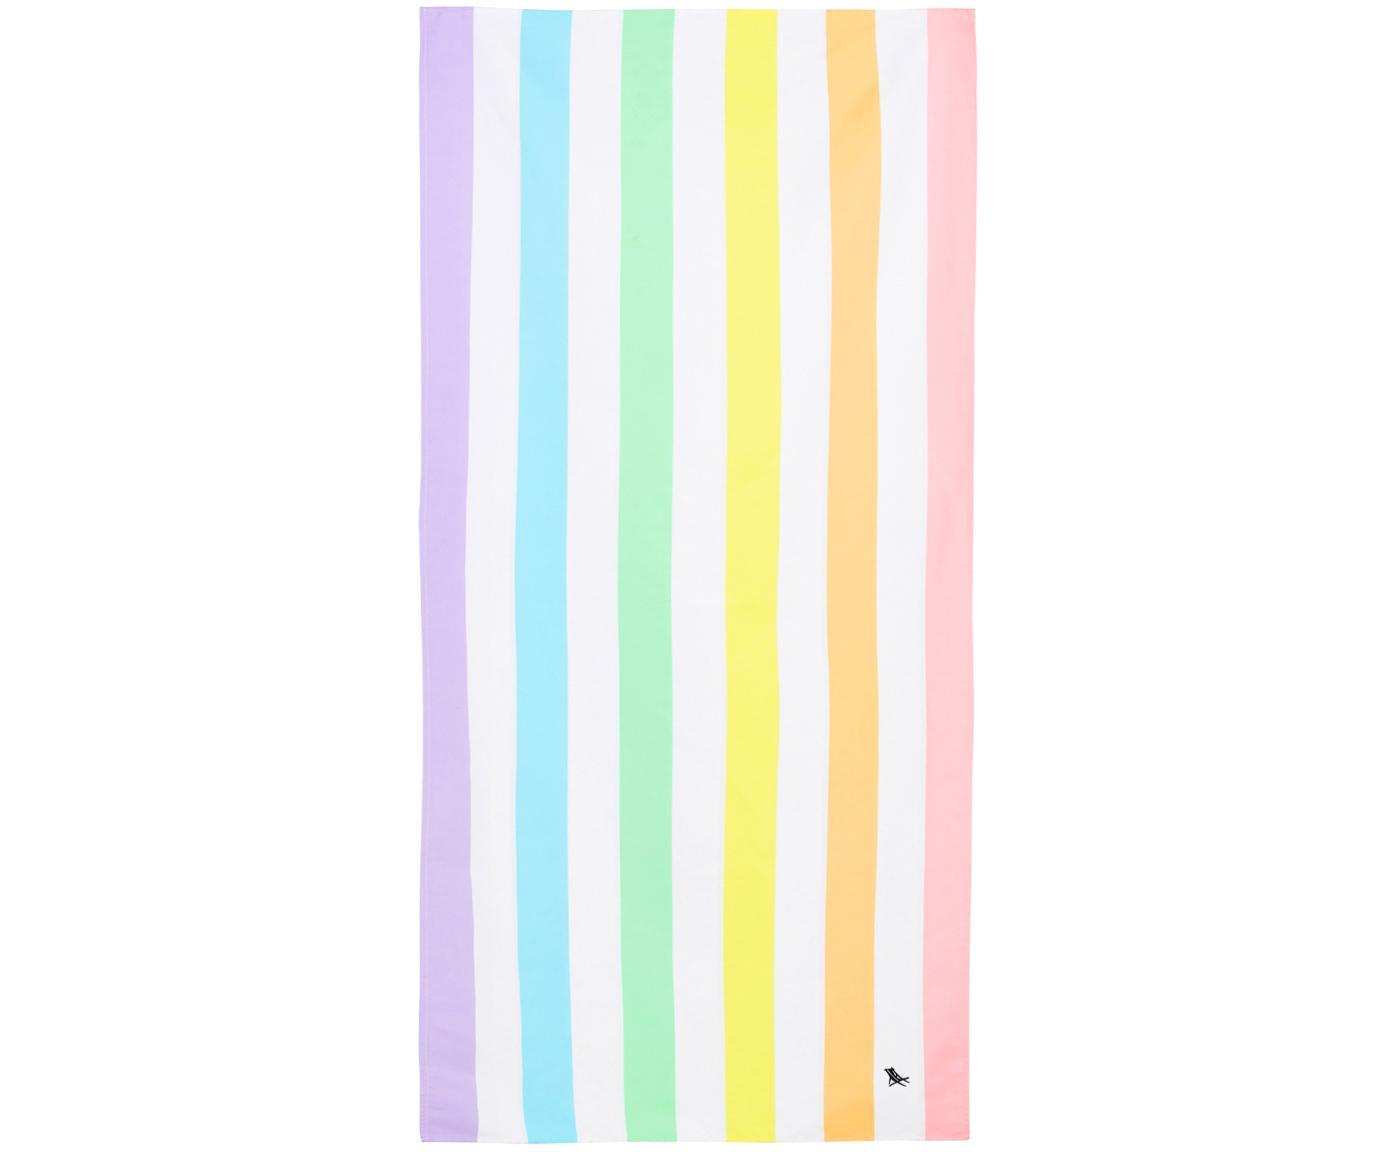 Telo mare in microfibra Summer, asciugatura rapida, Microfibra (80% poliestere, 20% poliammide), Multicolore, bianco, Larg. 90 x Lung. 200 cm